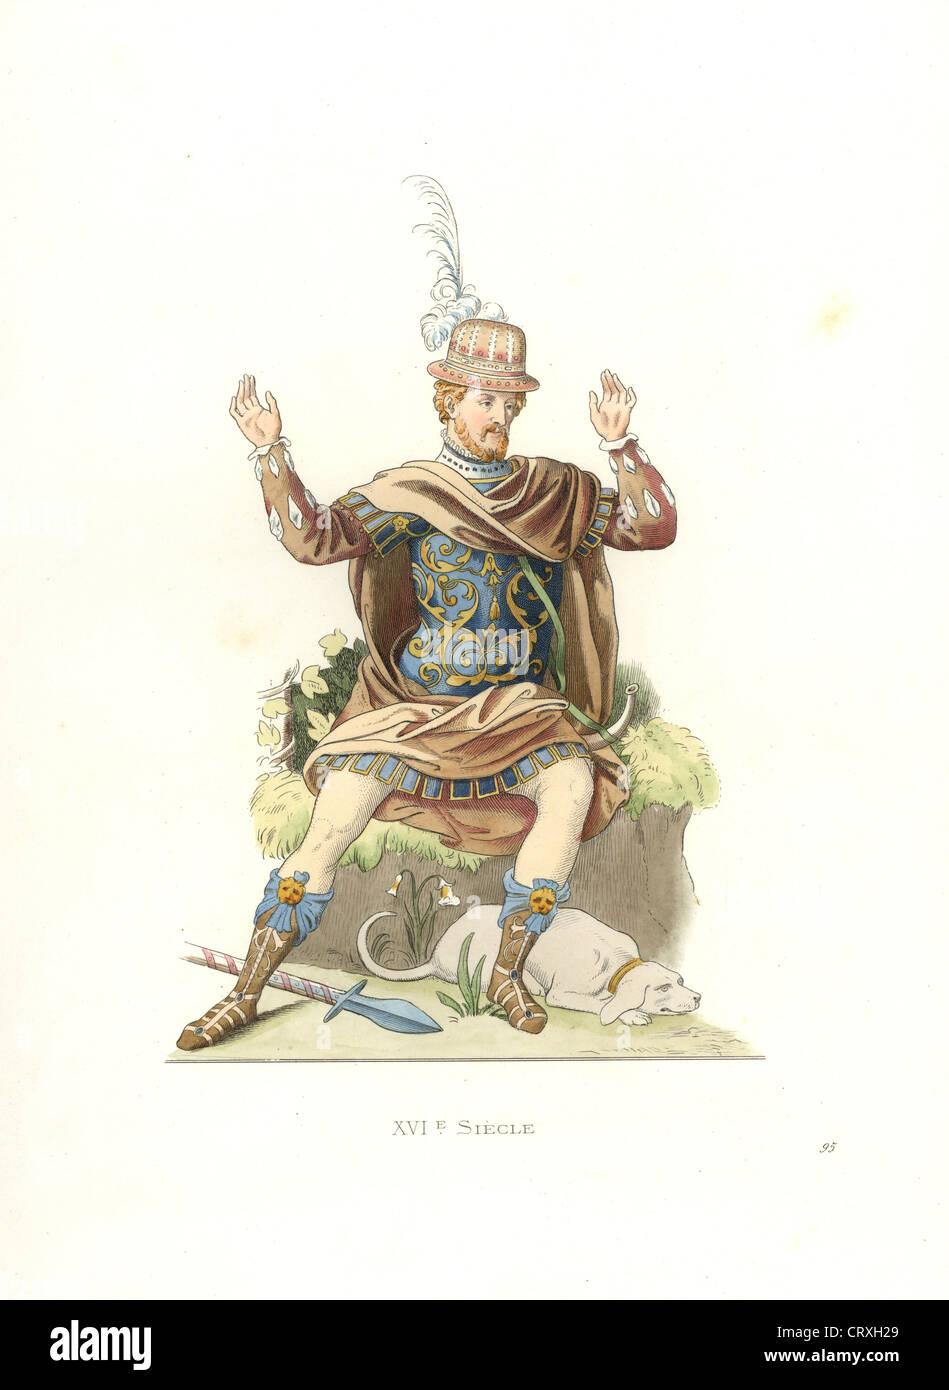 17 Jahrhundert Bild Architektur: Französischer Edelmann Im Antiken Kostüm, 17. Jahrhundert